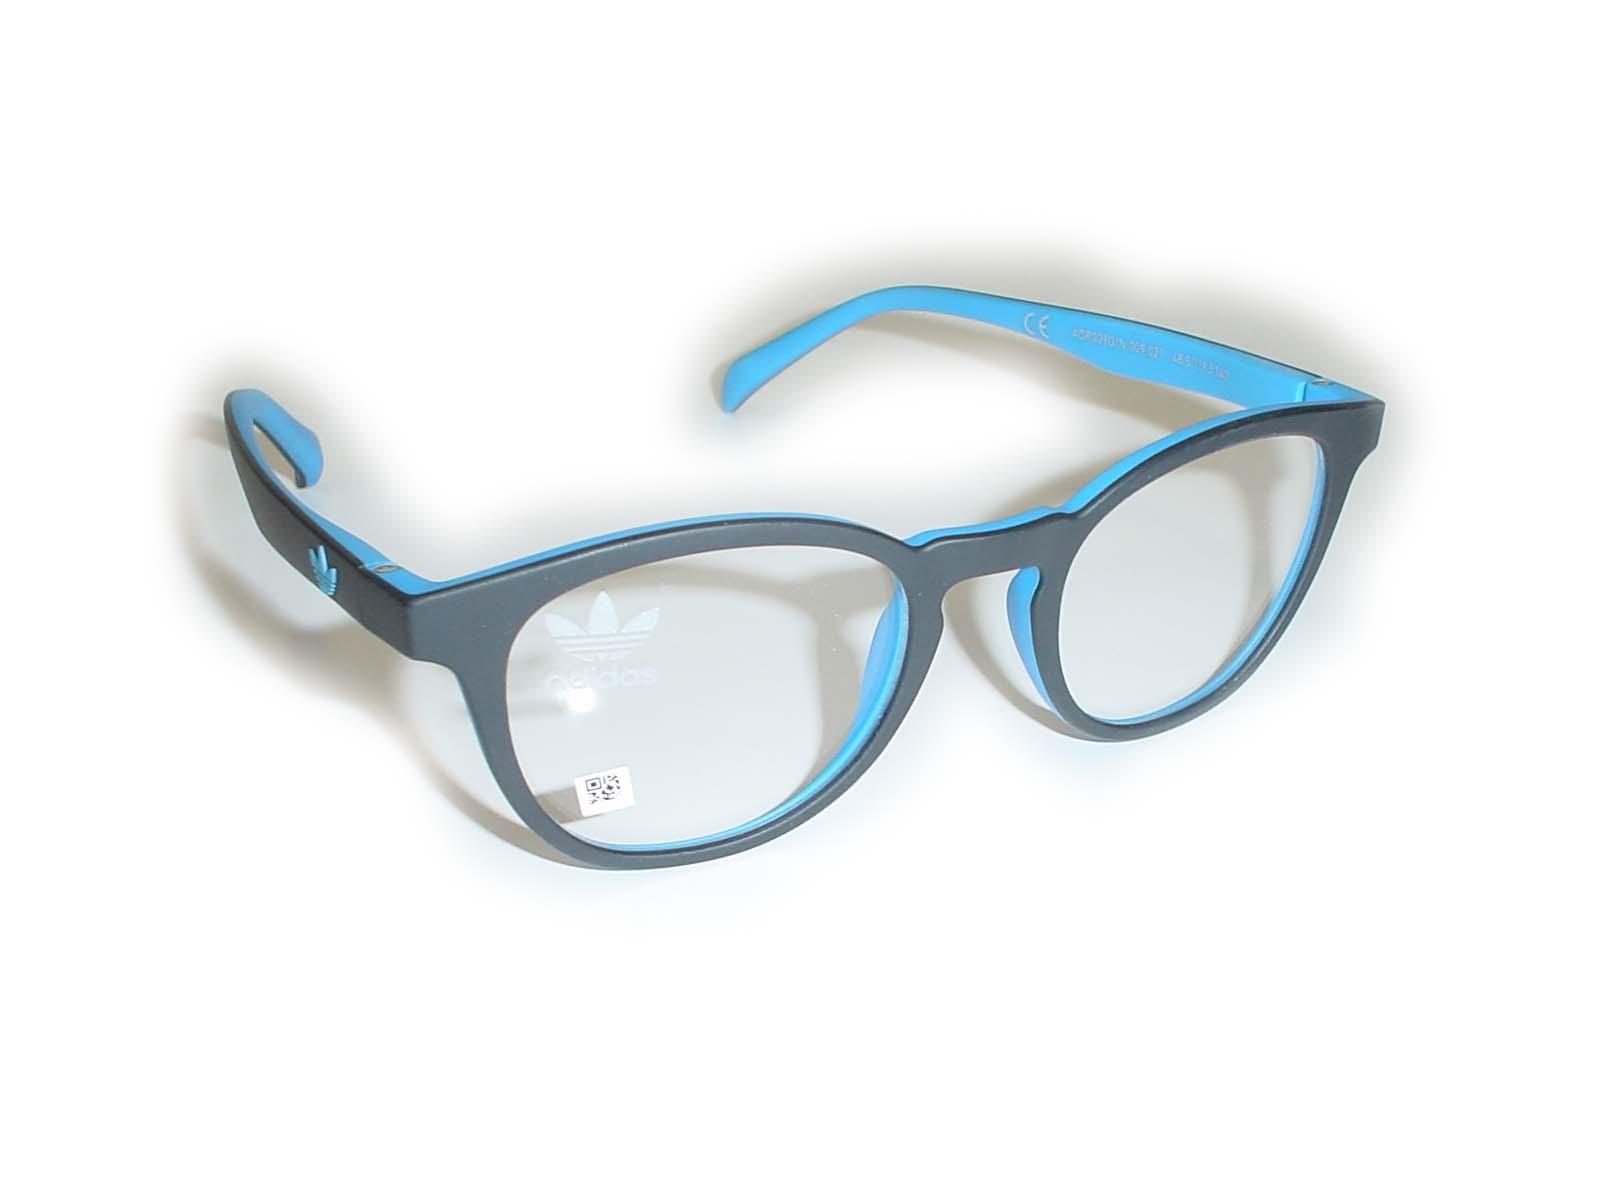 ★adidas(アディス)★AOR0090/N48.5□19.5-140COL.009.027ブラック ブルー超薄型非球面レンズ付